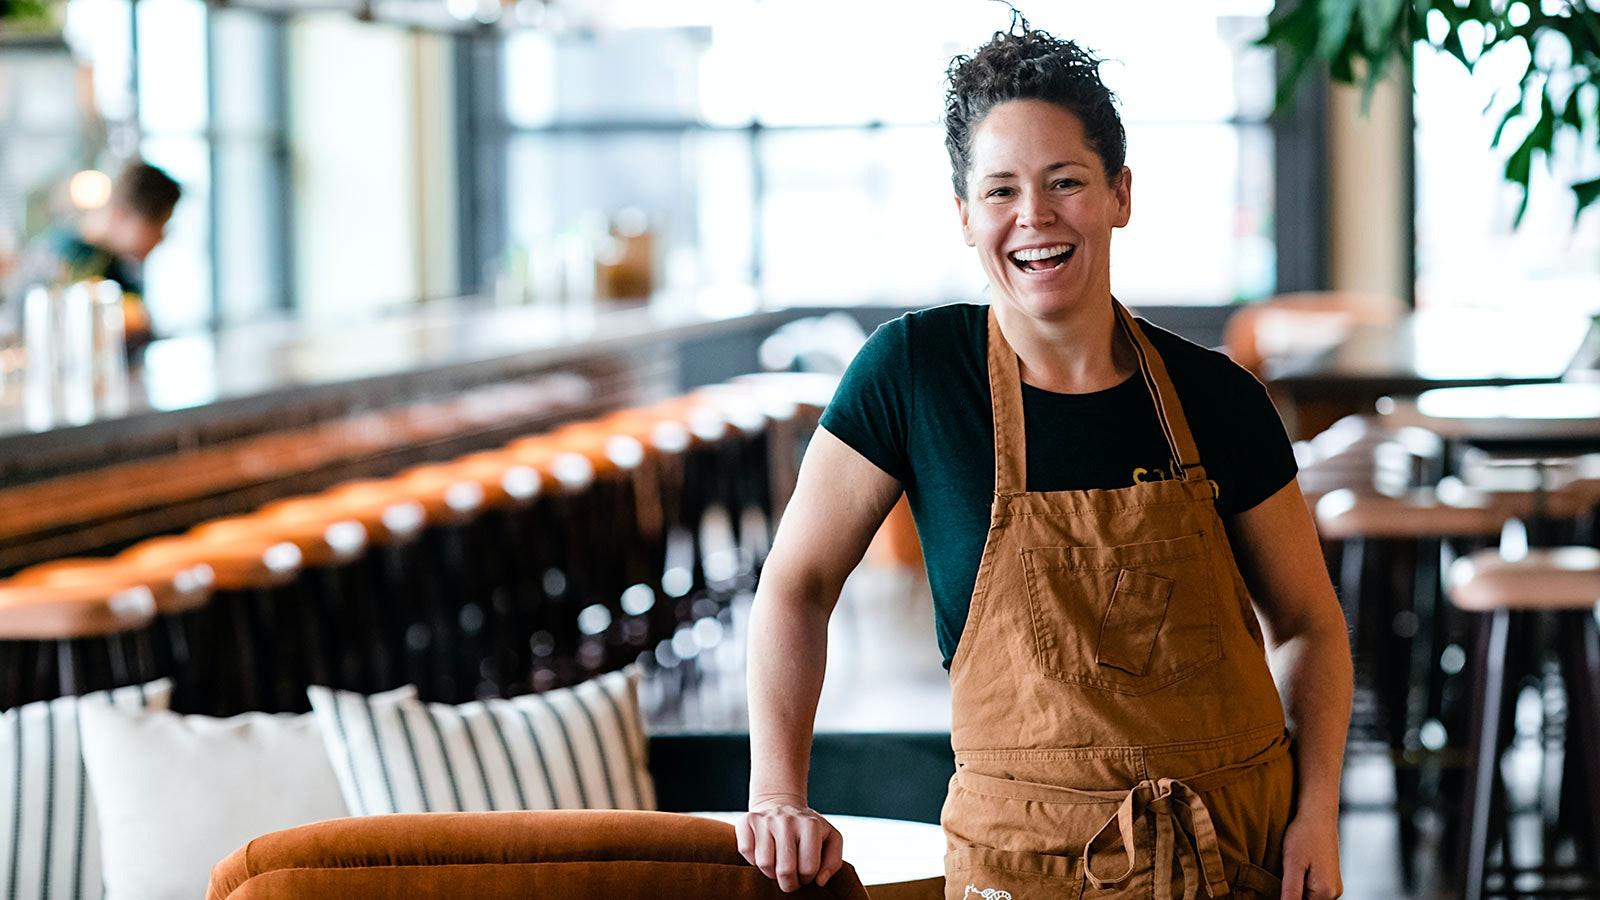 Stephanie Izard in her apron